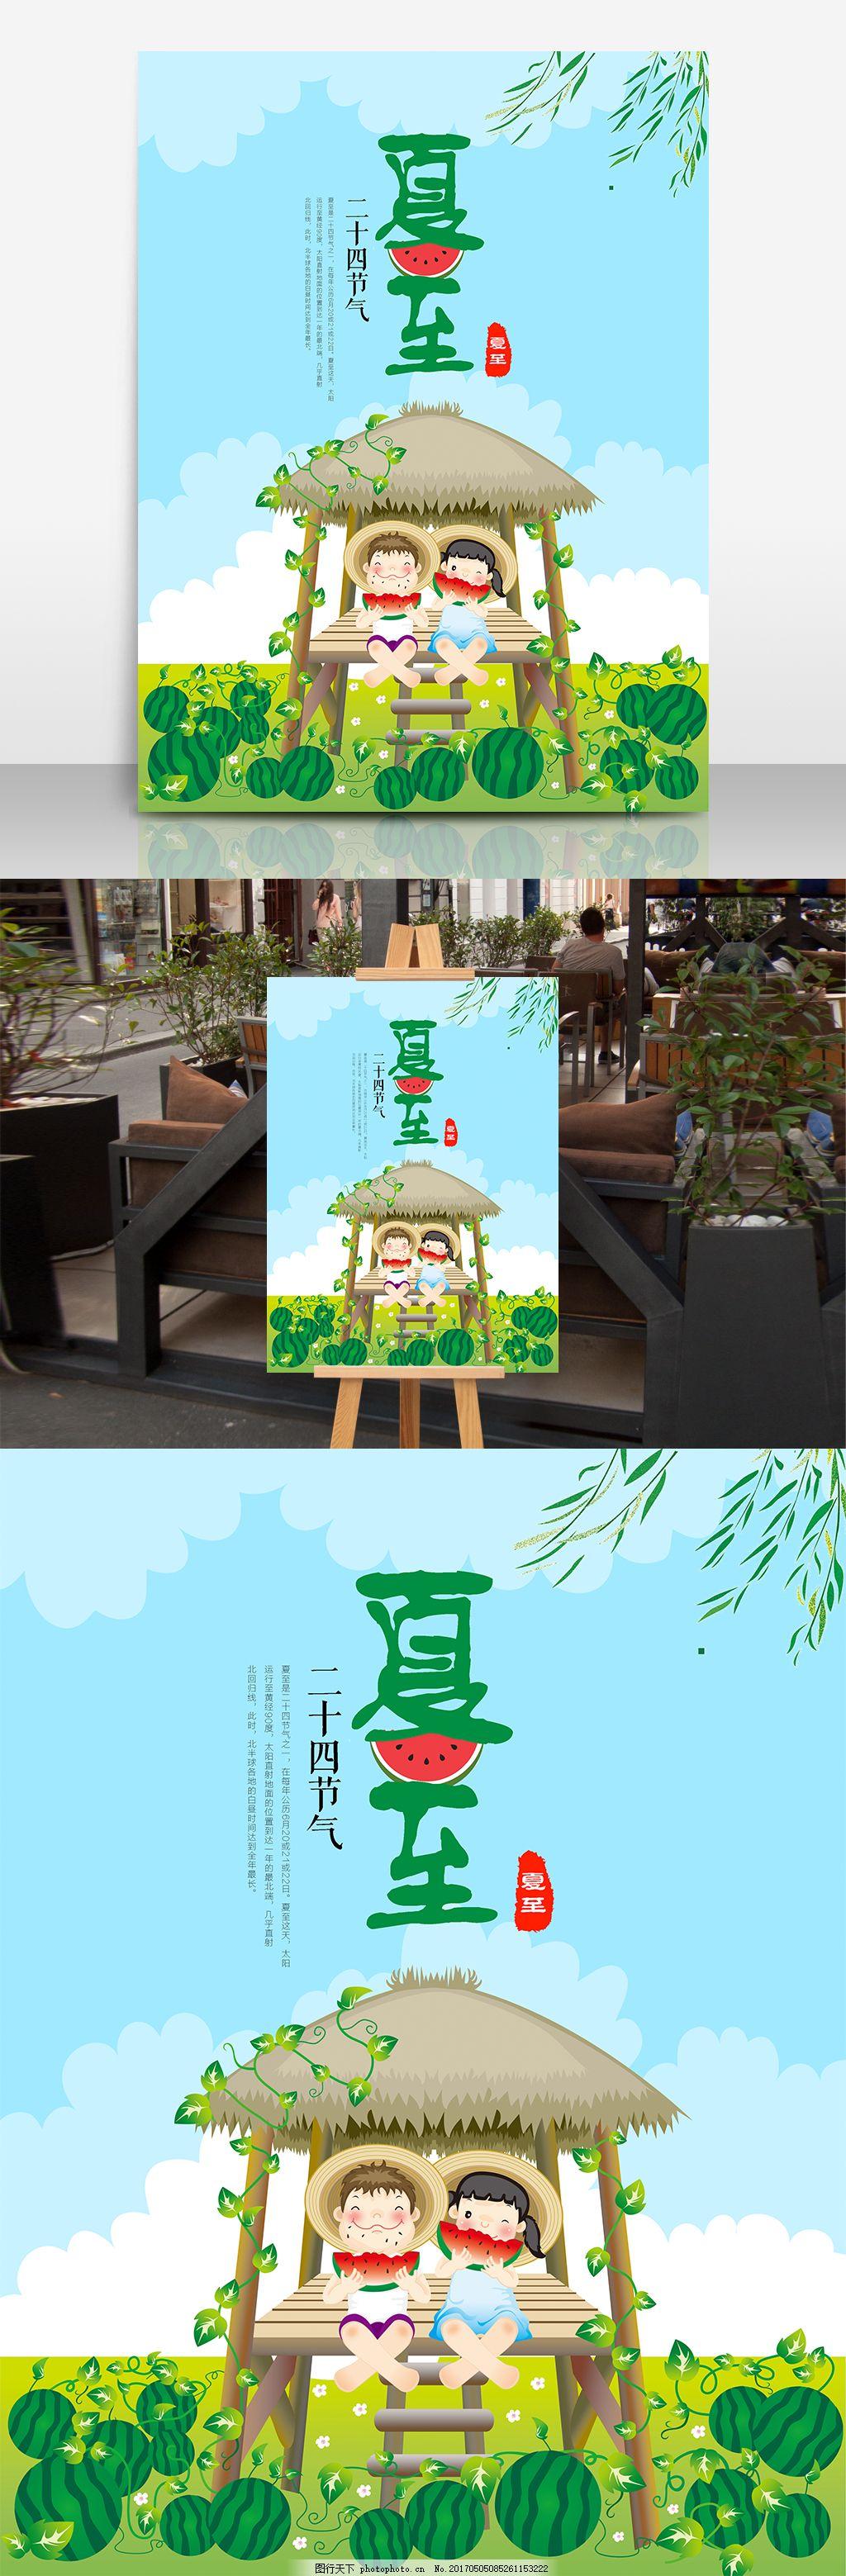 手绘插画二十四节气之夏至节气海报